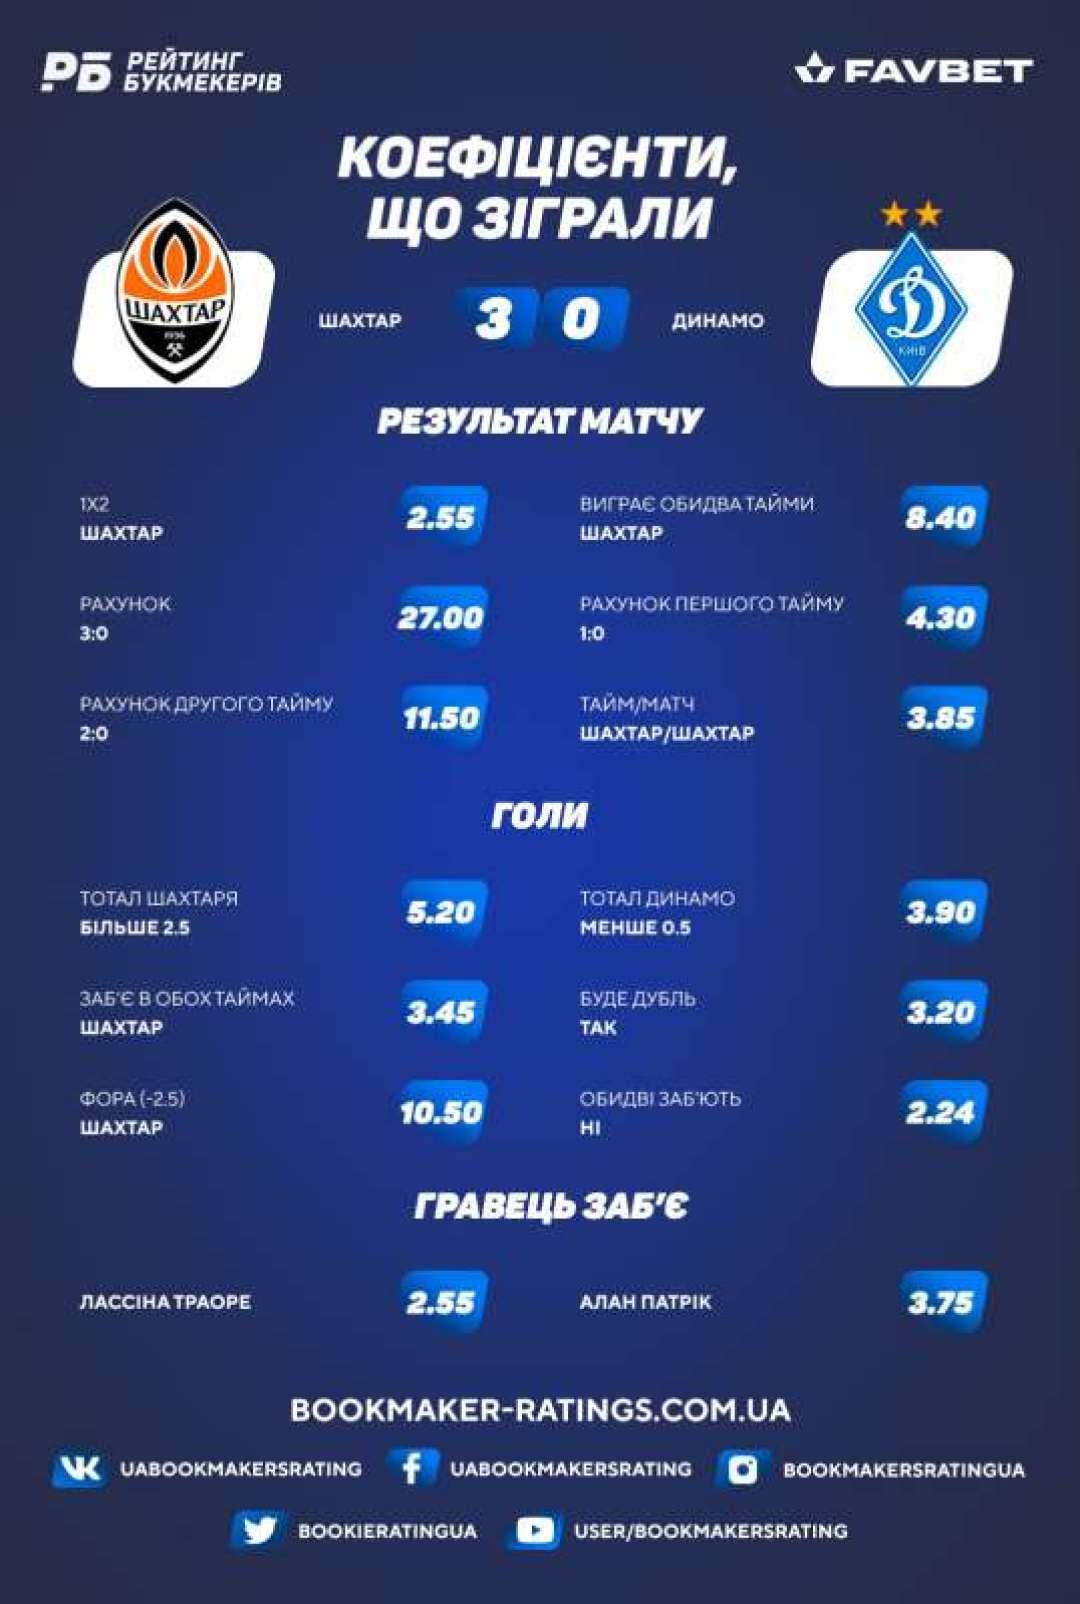 Коефіцієнти, що зіграли в матчі «Шахтар» – «Динамо» (3:0)